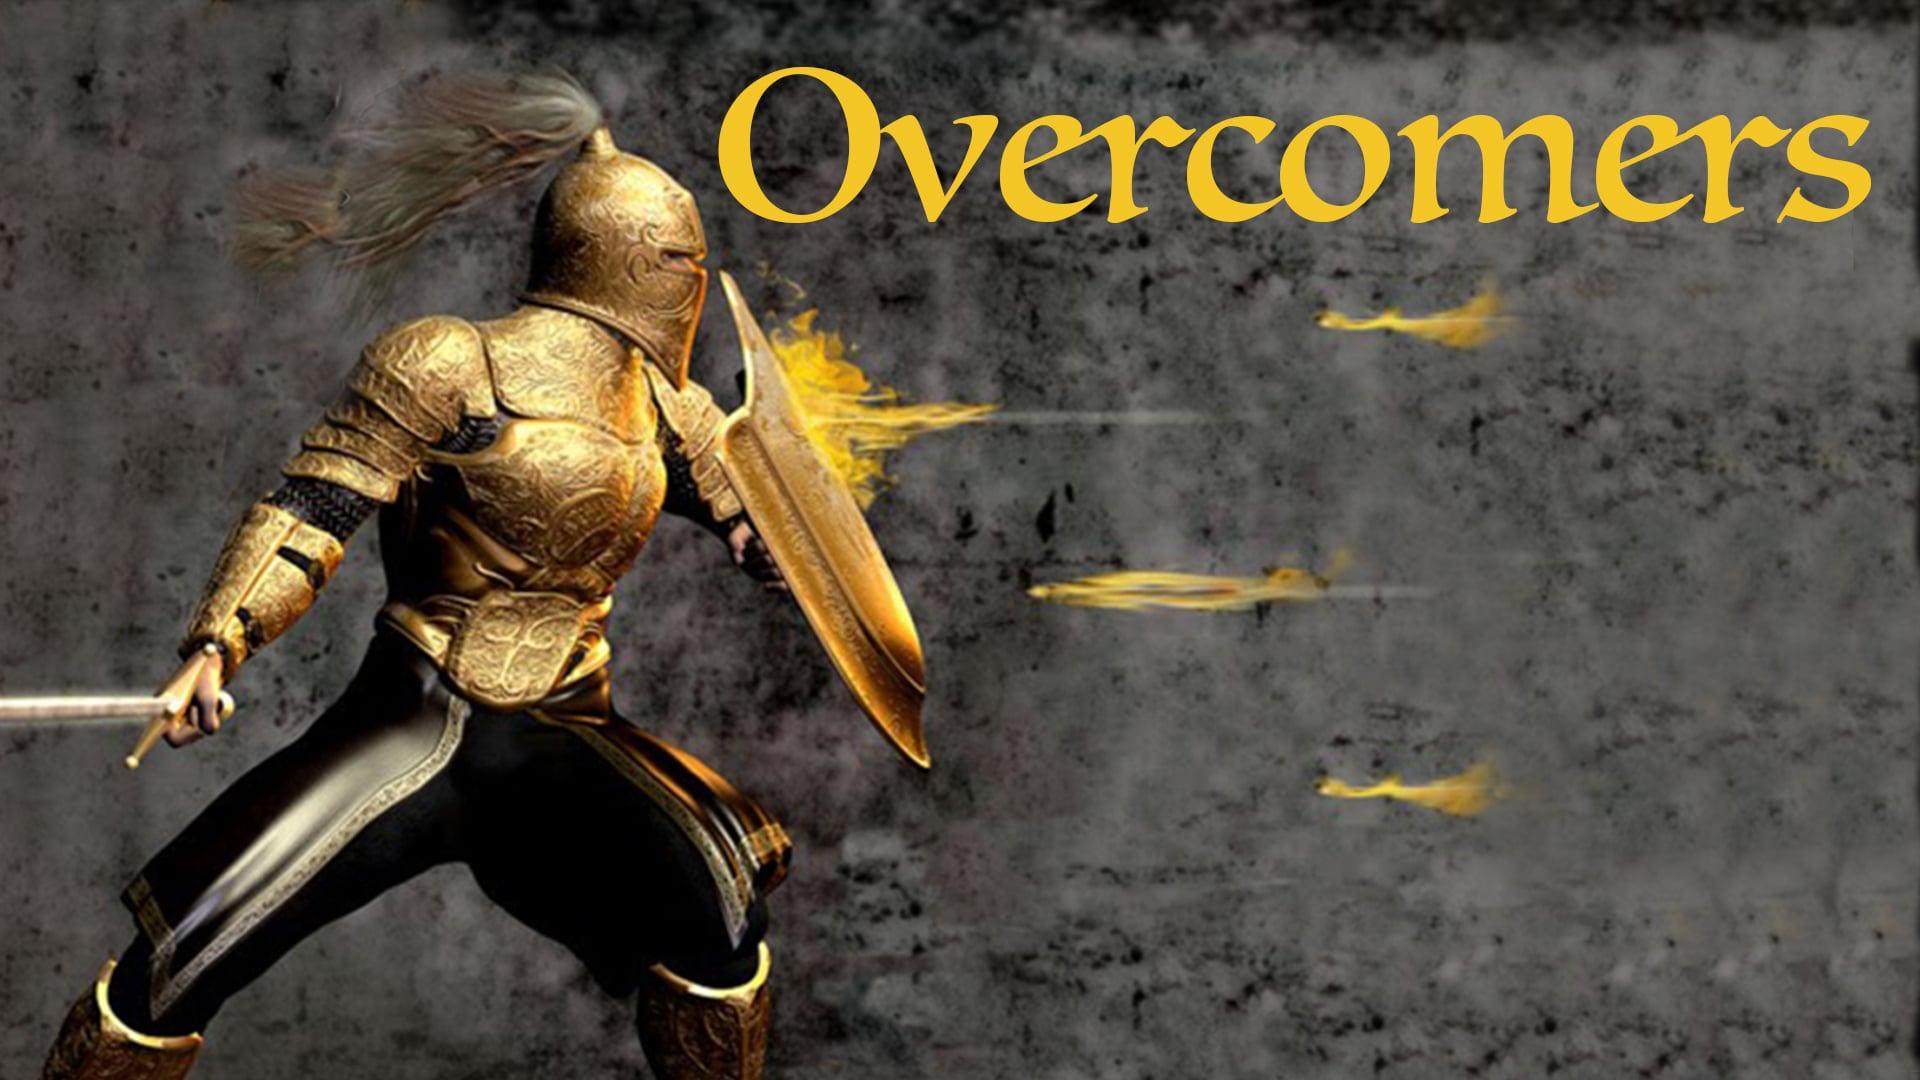 Overcomers - Part 1